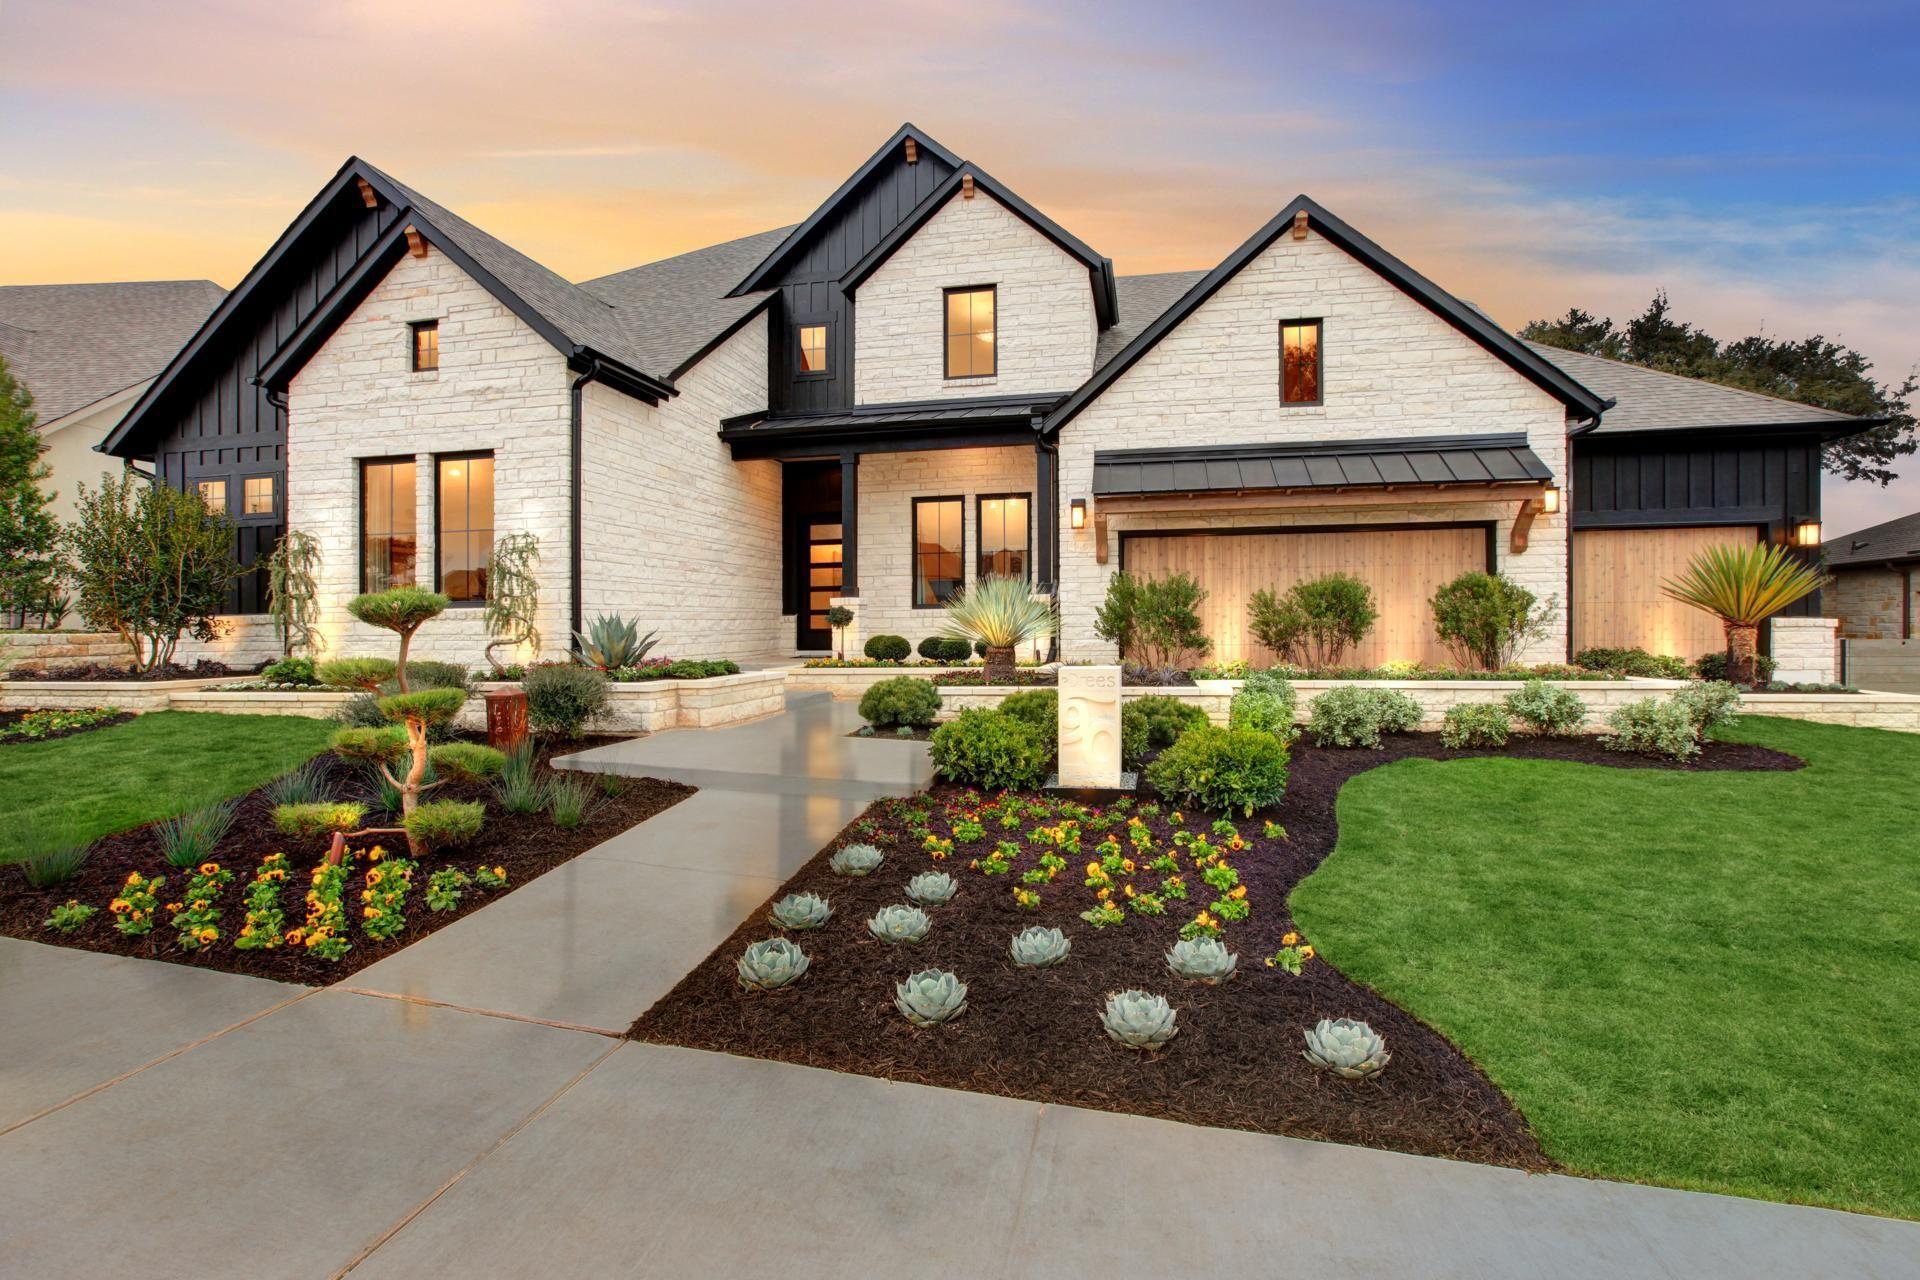 The Grantley G Exterior Modern Farmhouse Exterior Farmhouse Exterior House Styles